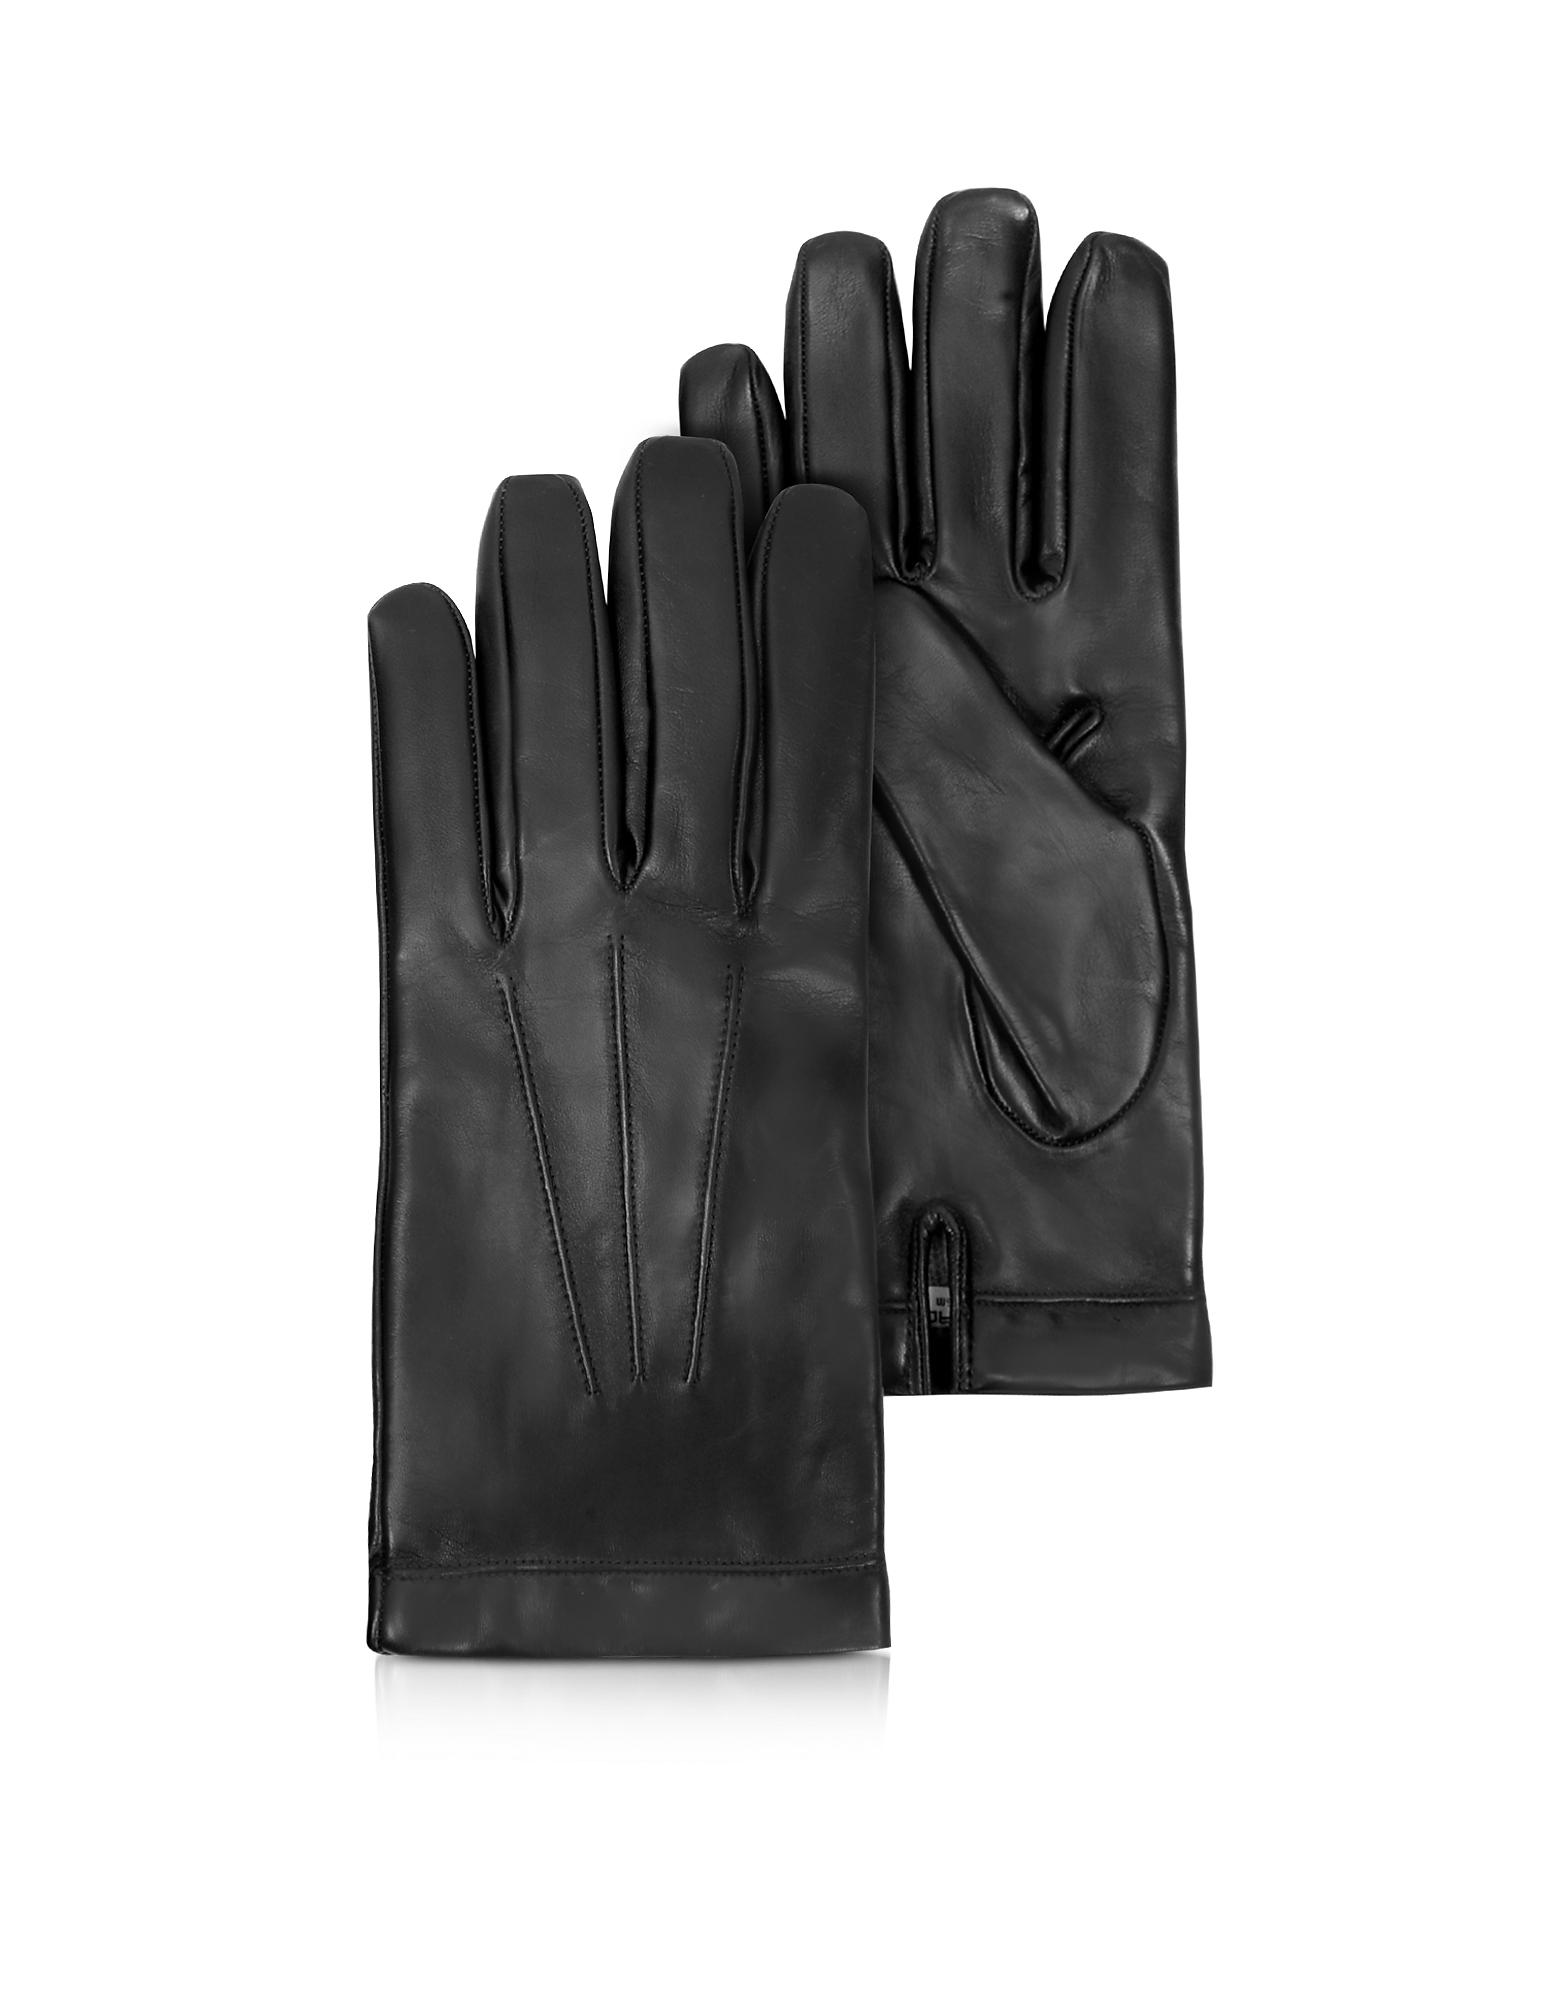 Siberia - Черные Кожаные Мужские Перчатки с Подкладкой из Кашемира